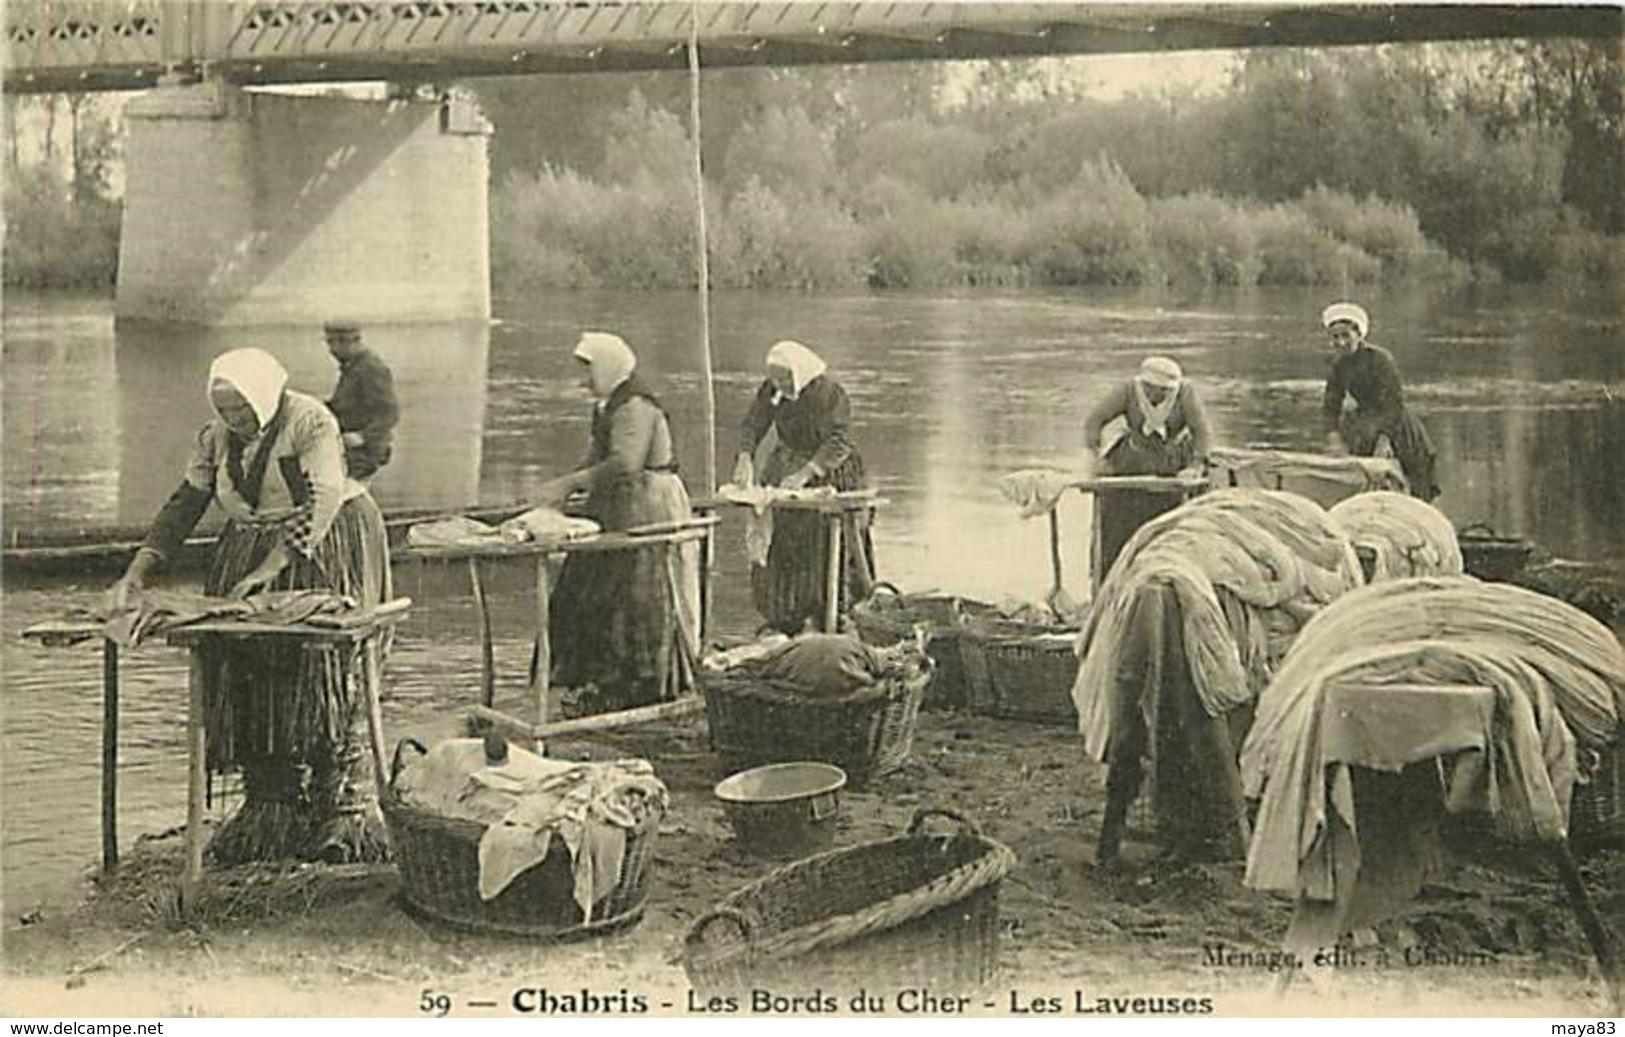 CHABRIS LES BORDS DU CHER LES LAVEUSES LAVANDIERES - France